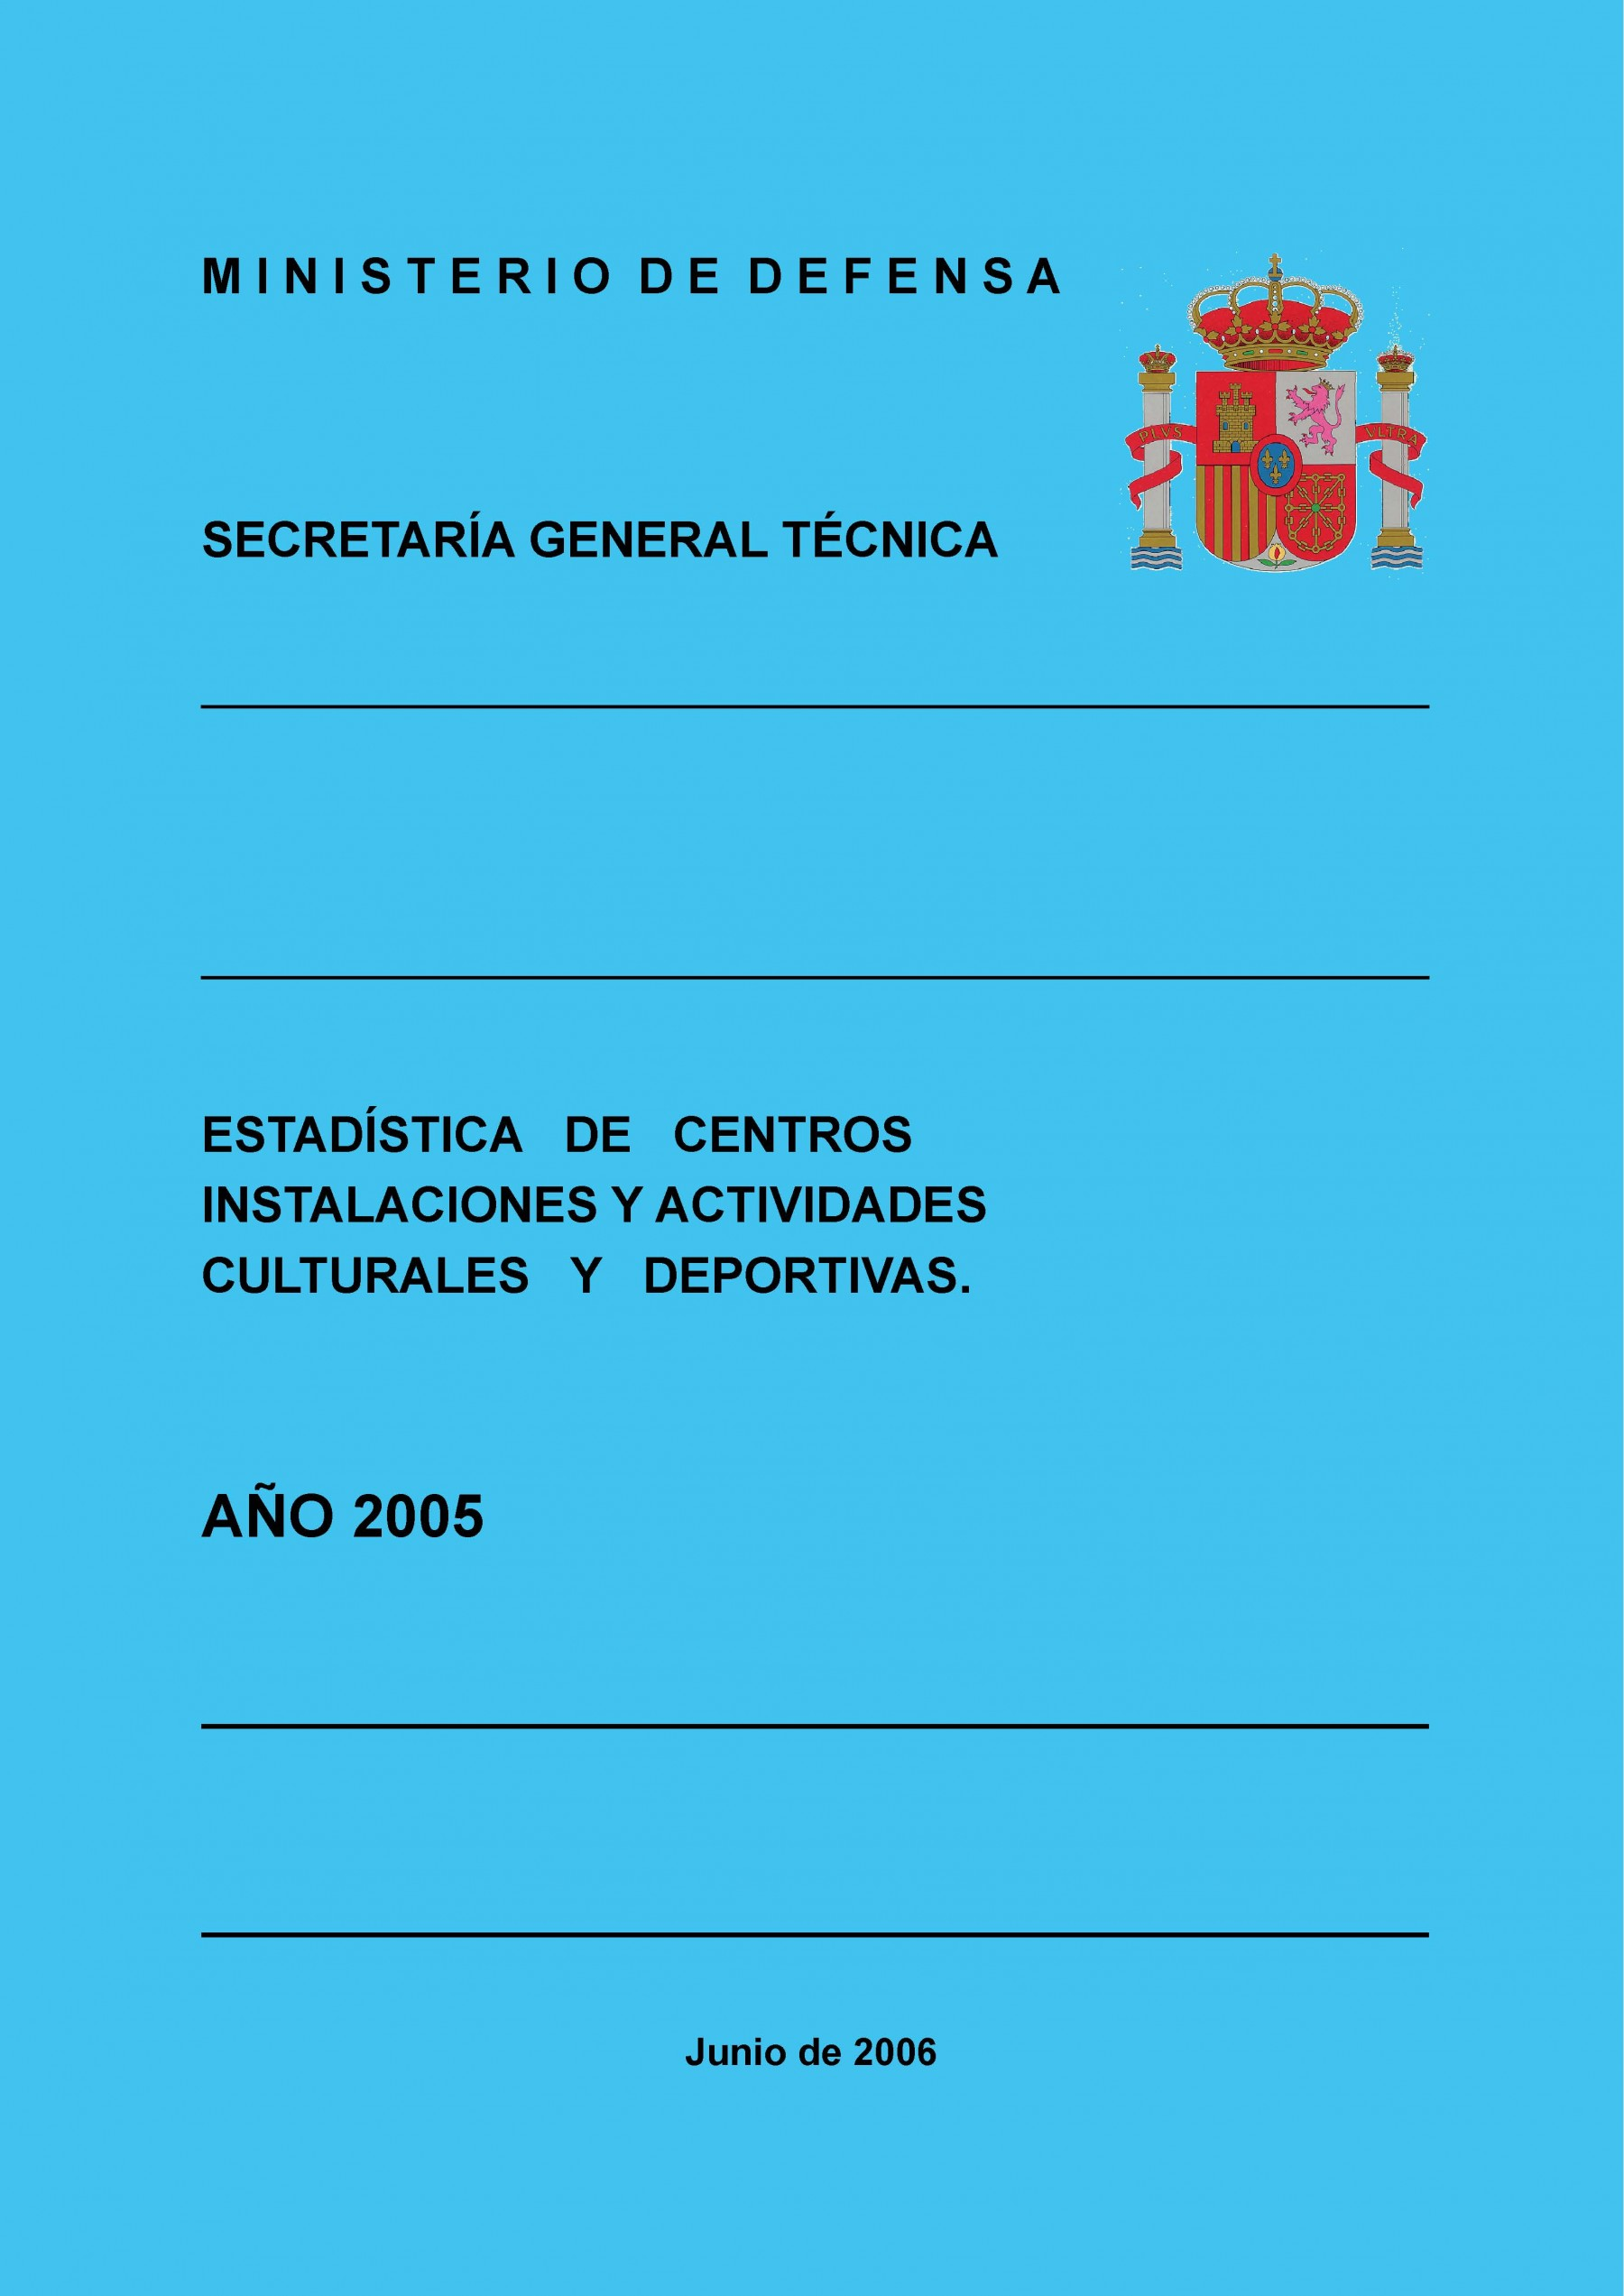 ESTADÍSTICA DE CENTROS, INSTALACIONES Y ACTIVIDADES CULTURALES Y DEPORTIVAS 2005